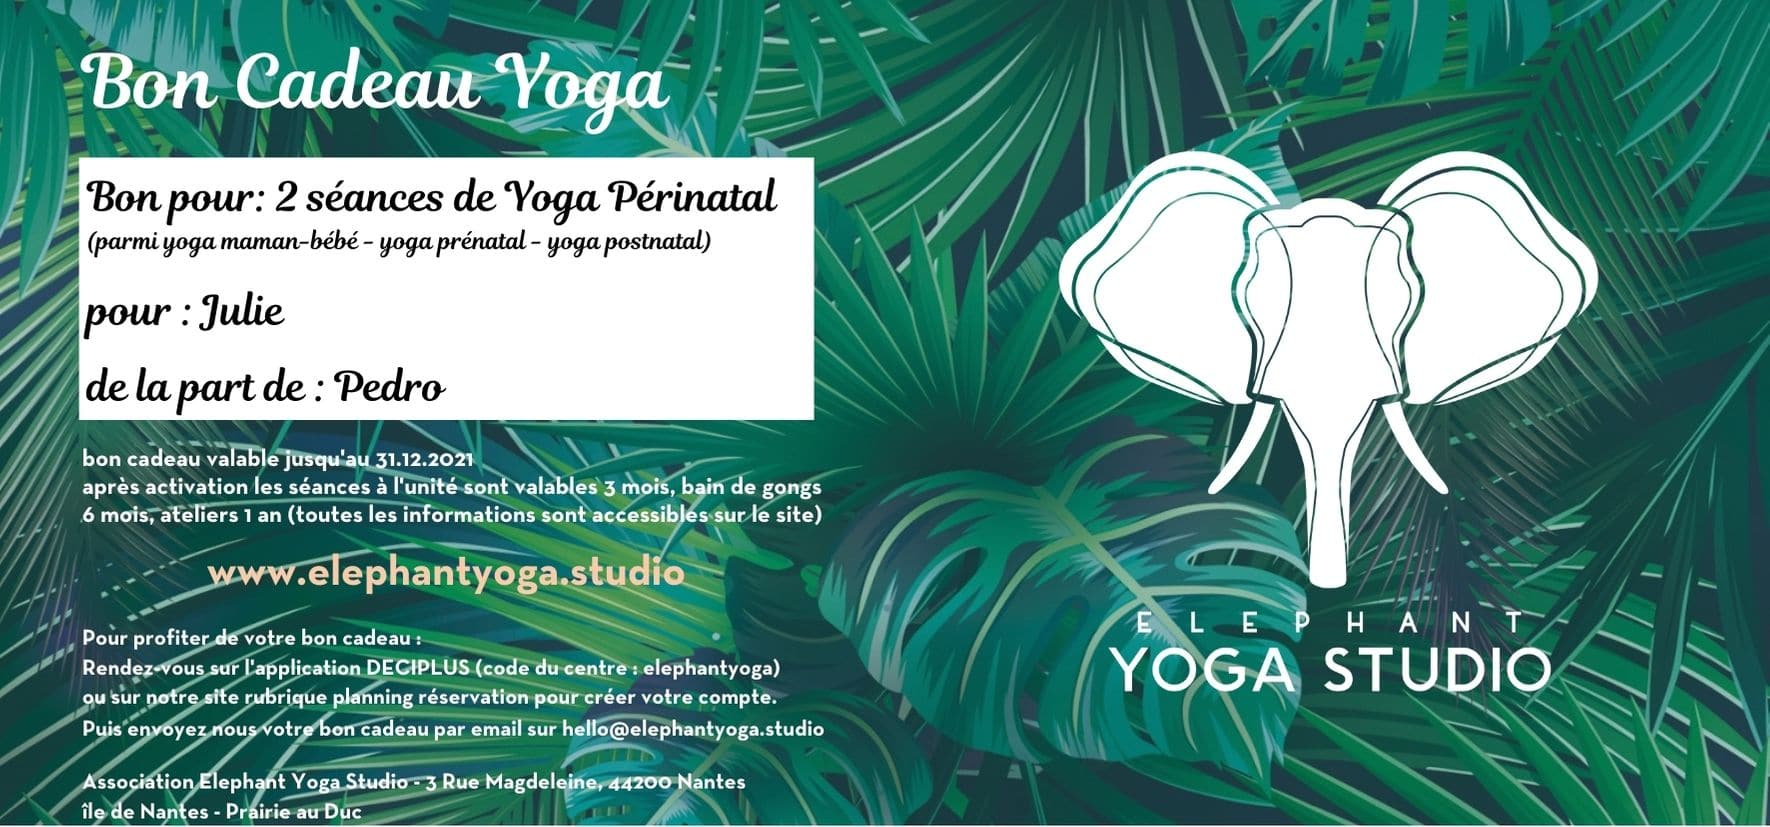 bon cadeau yoga nantes